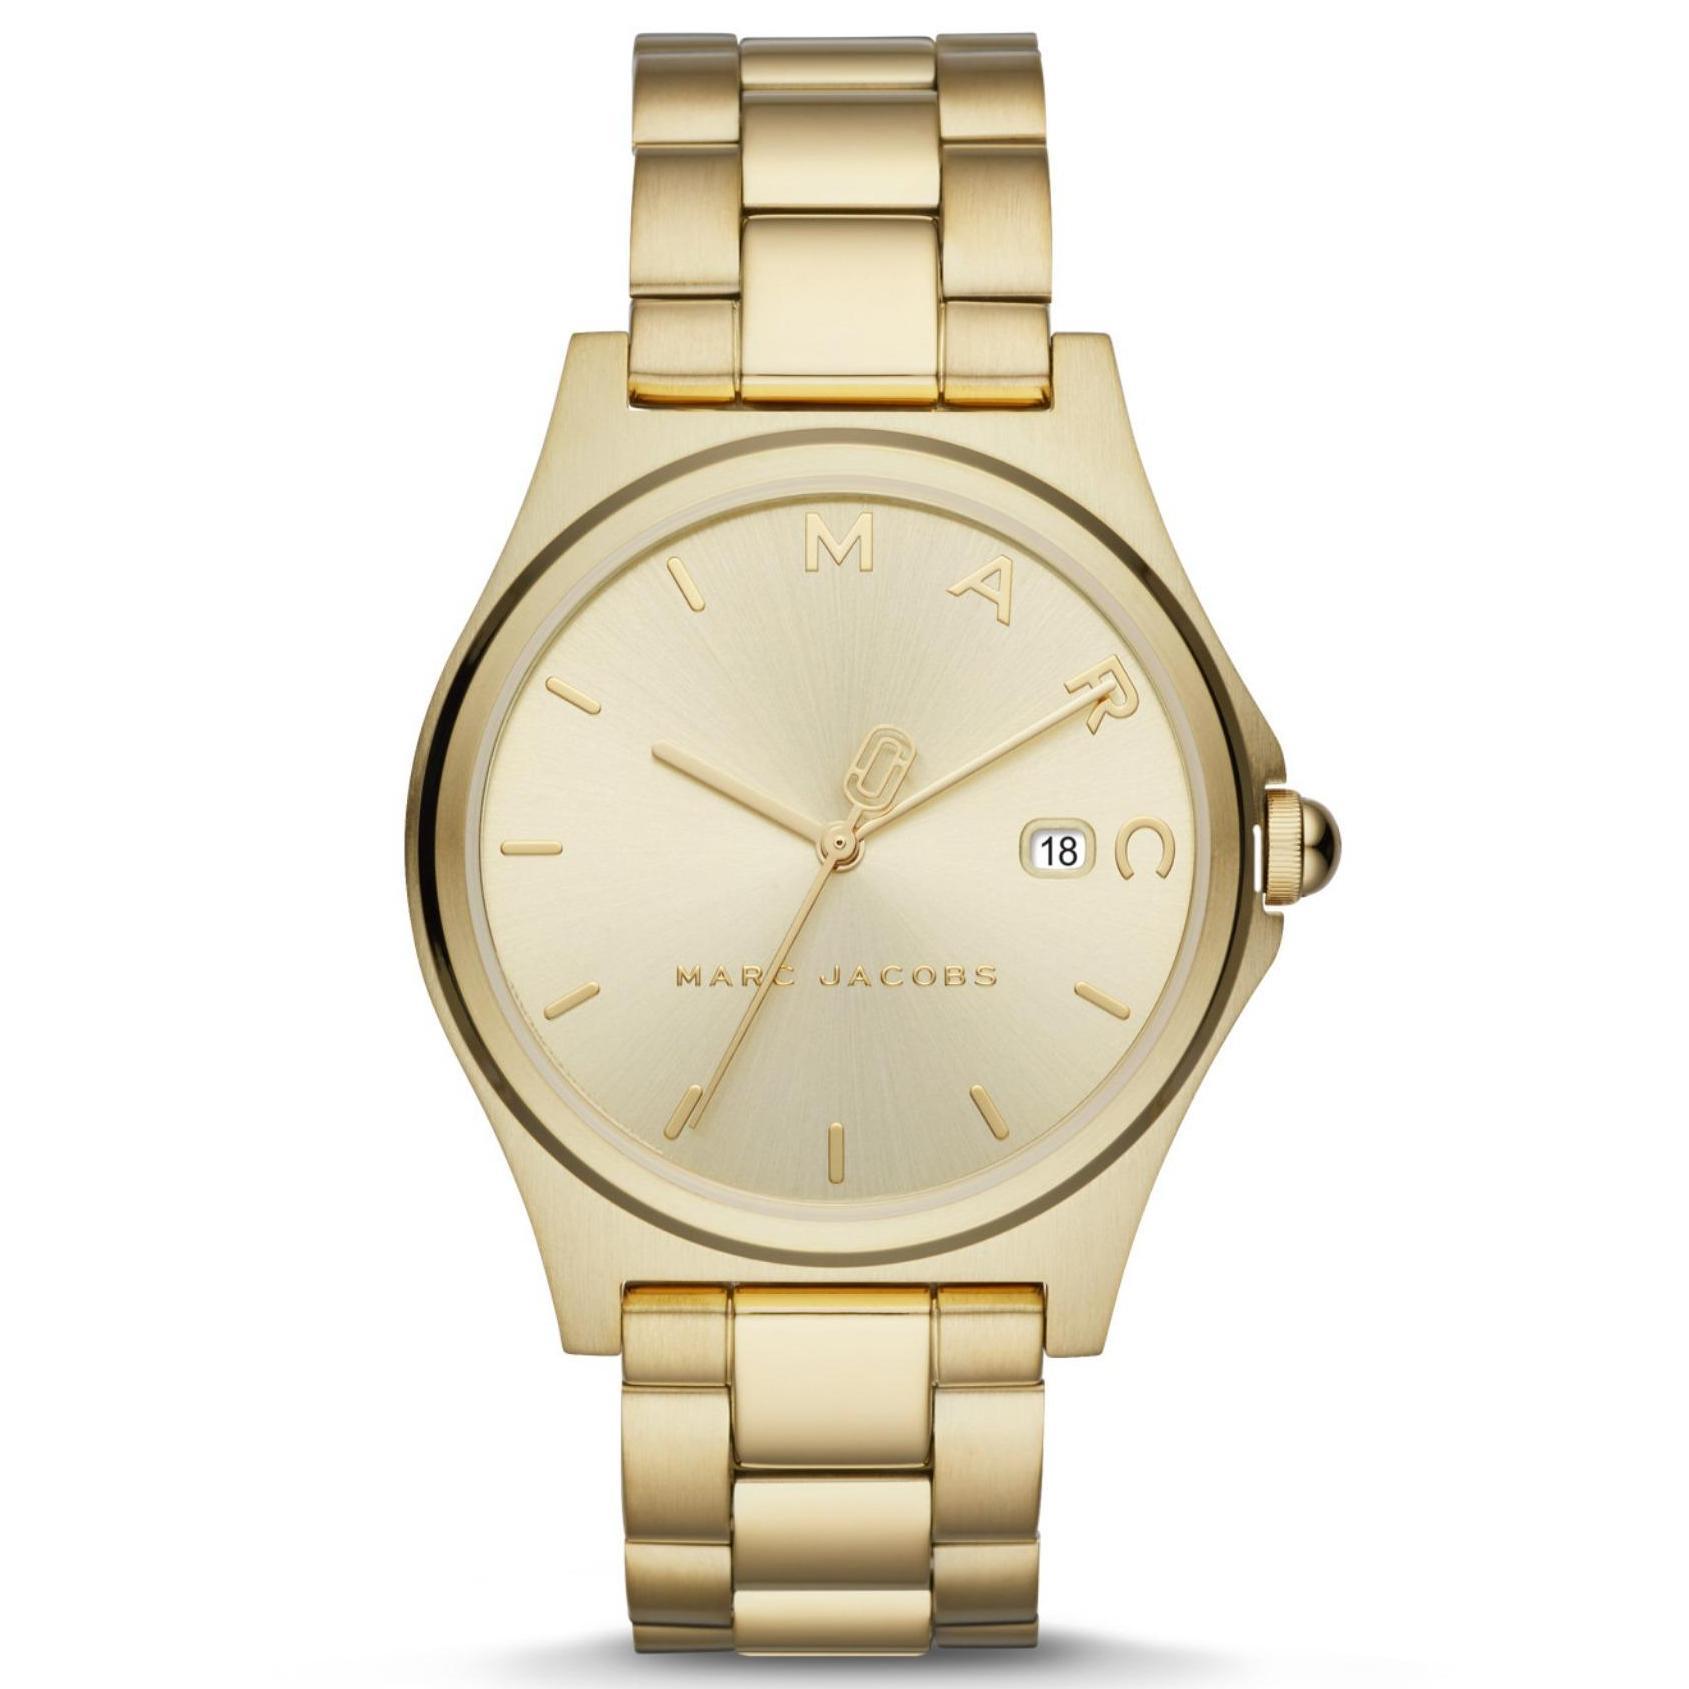 Marc By Marc Jacob Hendry - Gold Dial 36mm - Polished Gold IP Strap - Jam Tangan Analog Wanita - MJ3584 - Original dan Garansi Watch Care